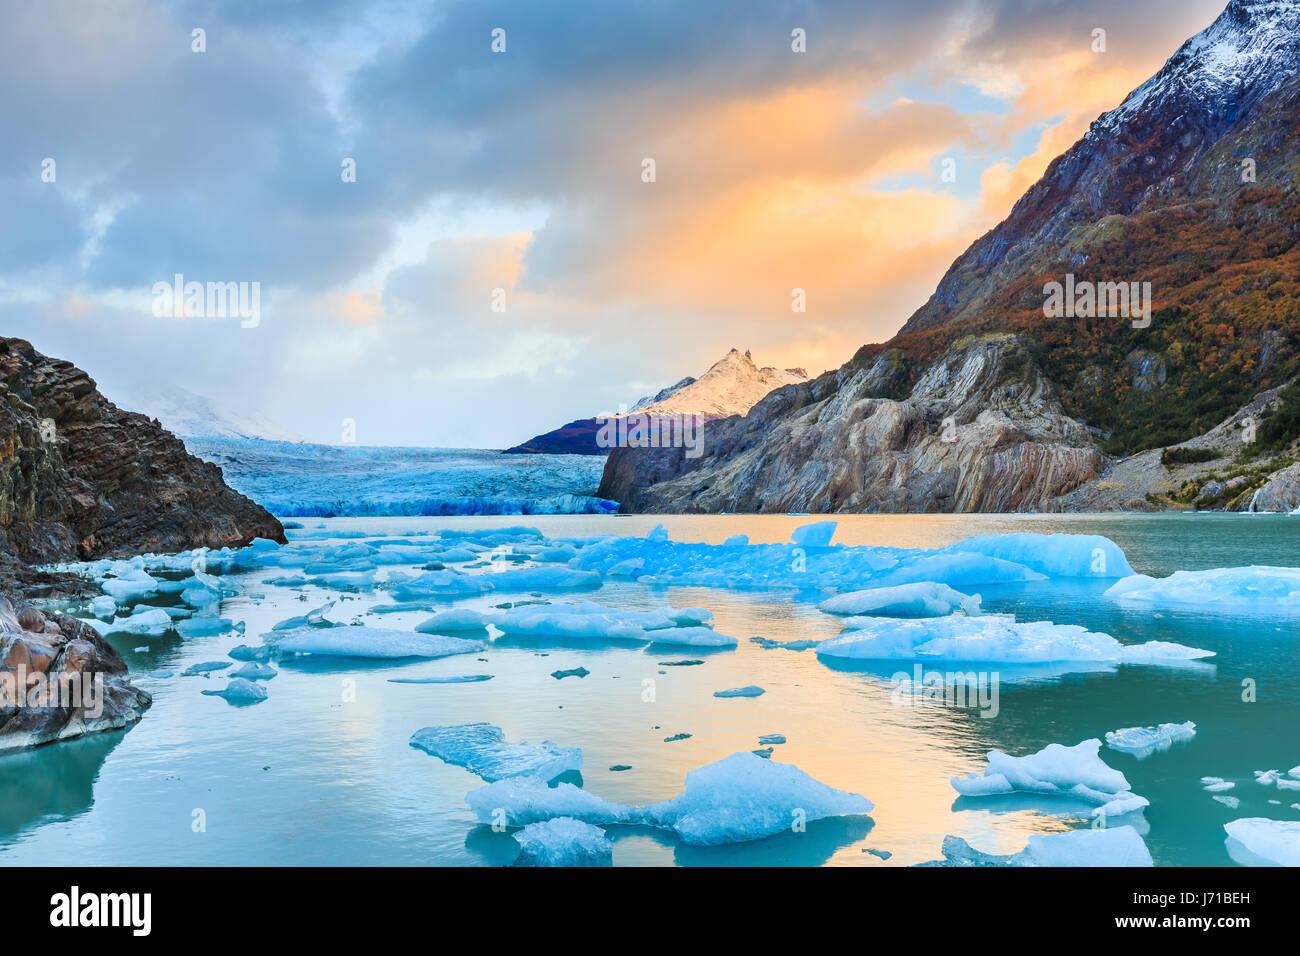 Parque Nacional Torres del Paine, Chile. Glaciar Grey. Imagen De Stock